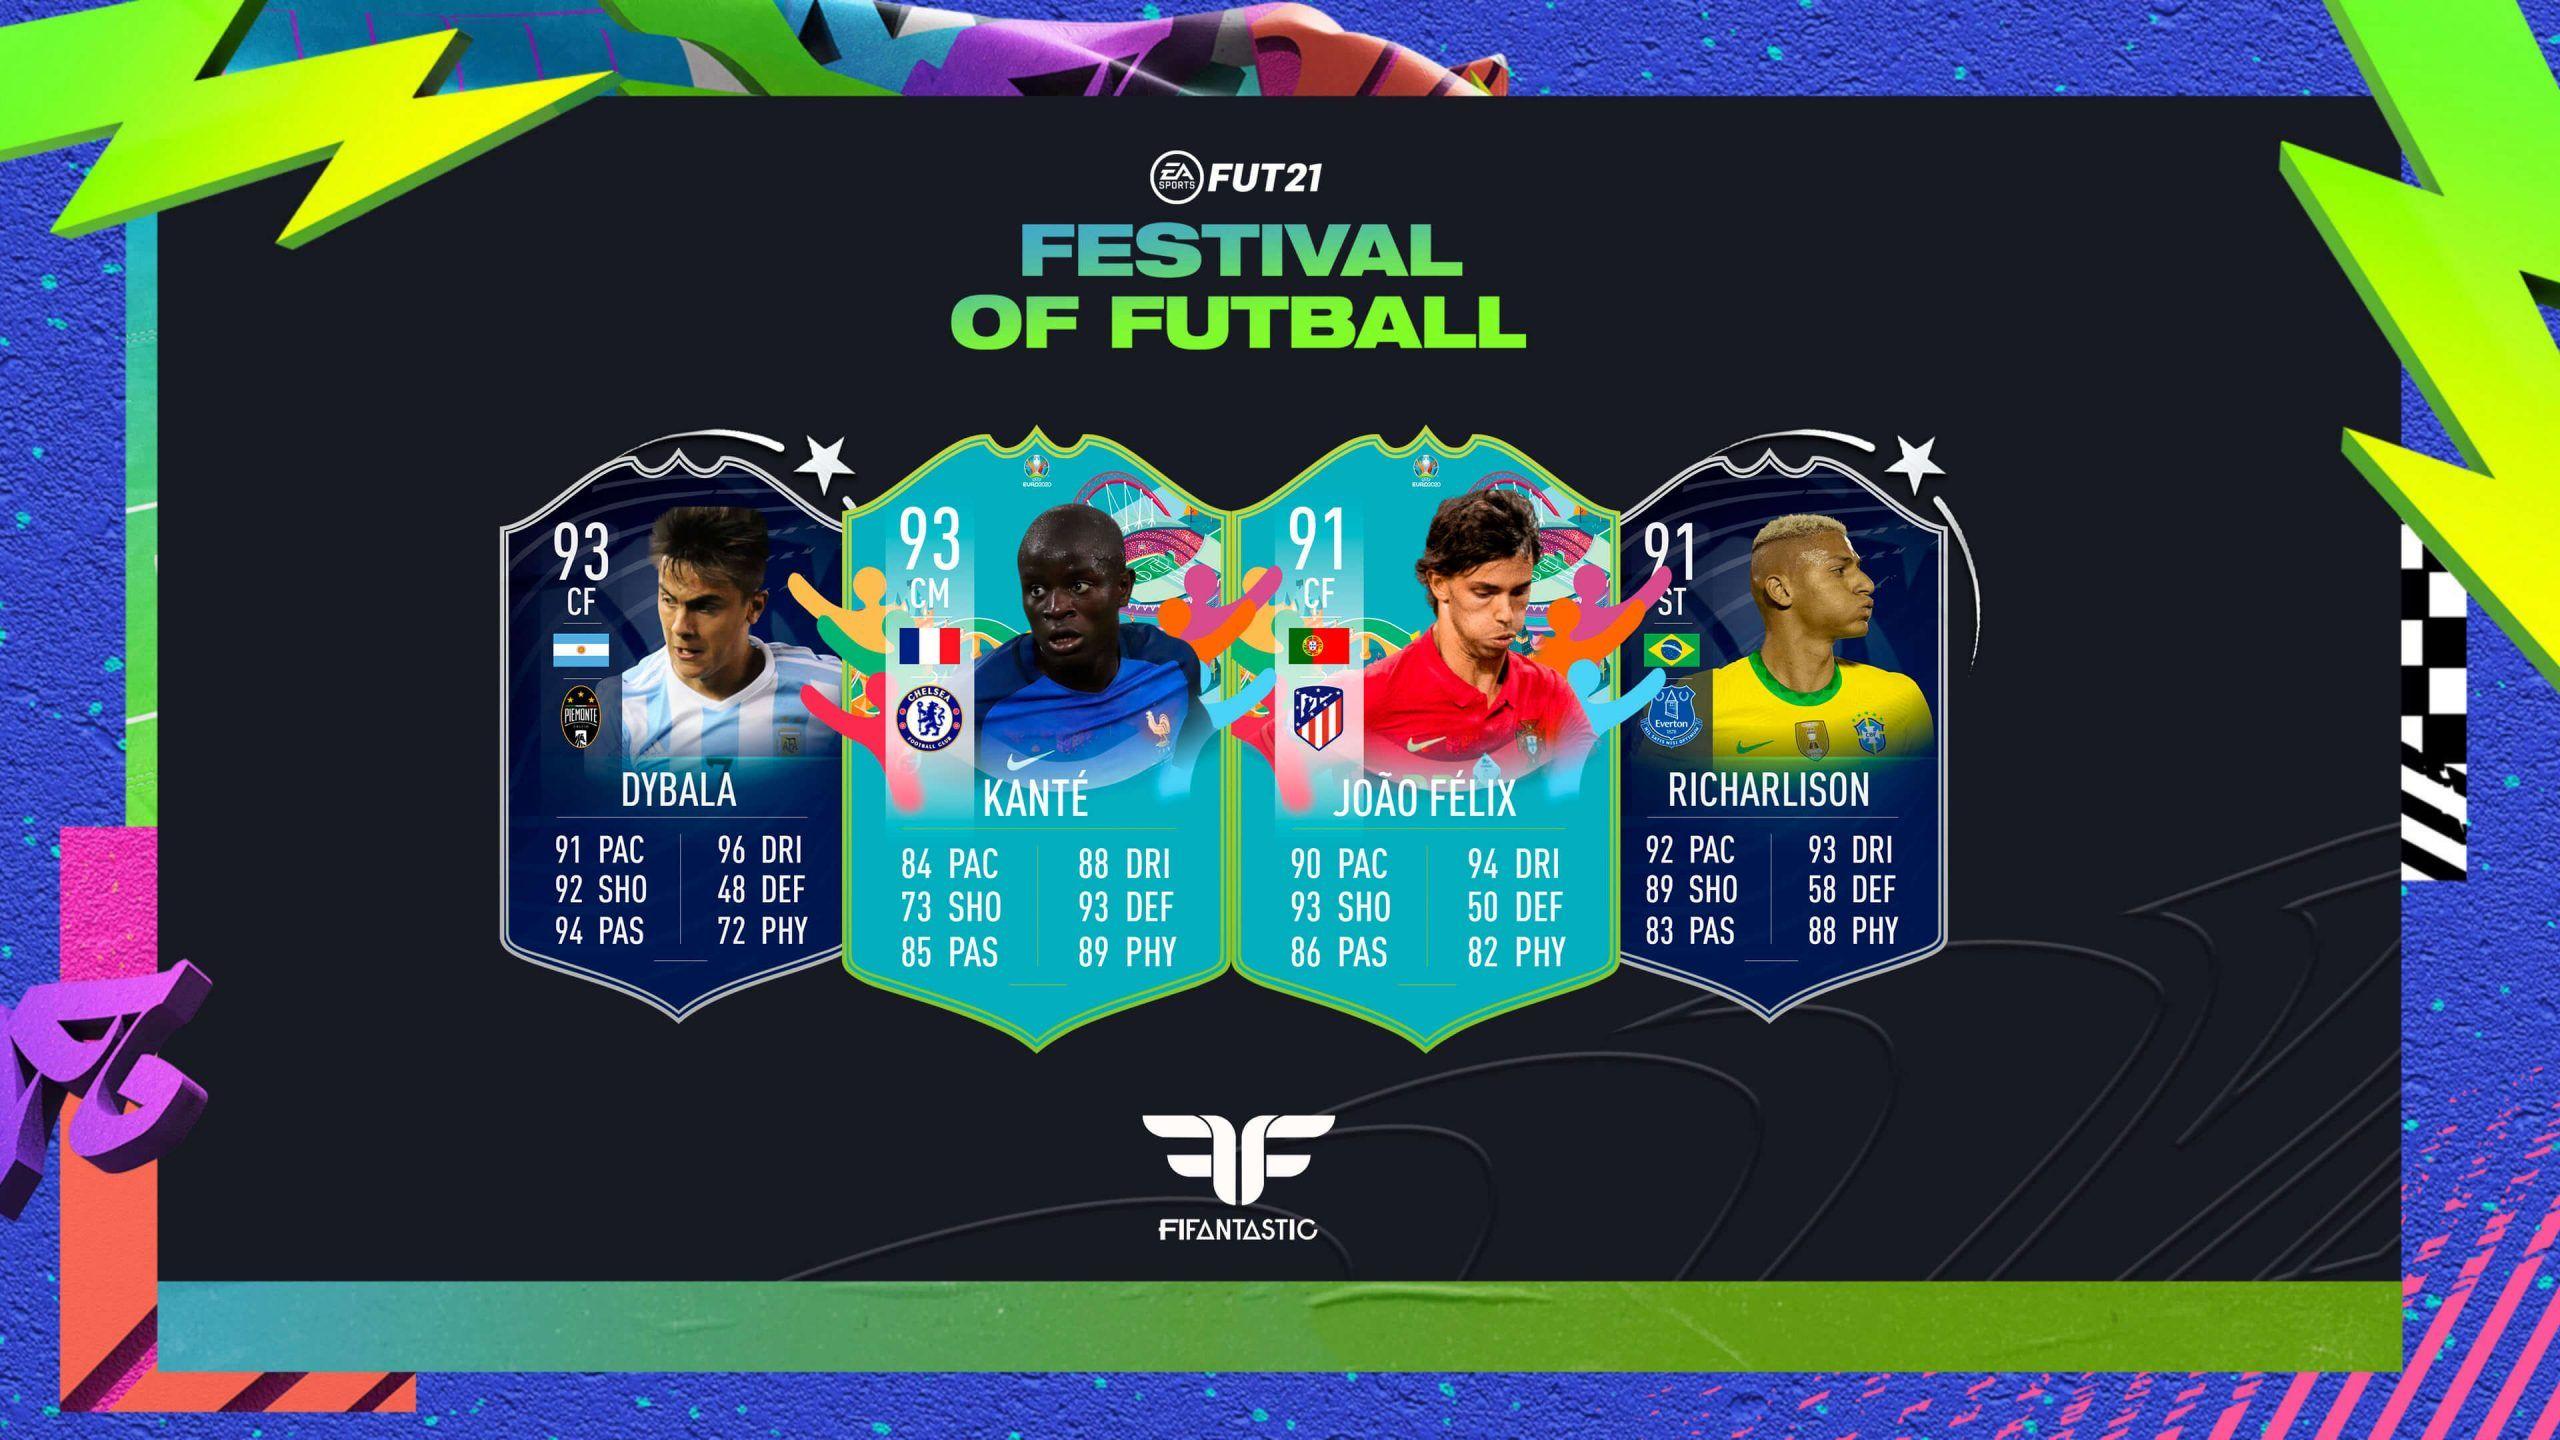 Festival of Futball de FIFA 21